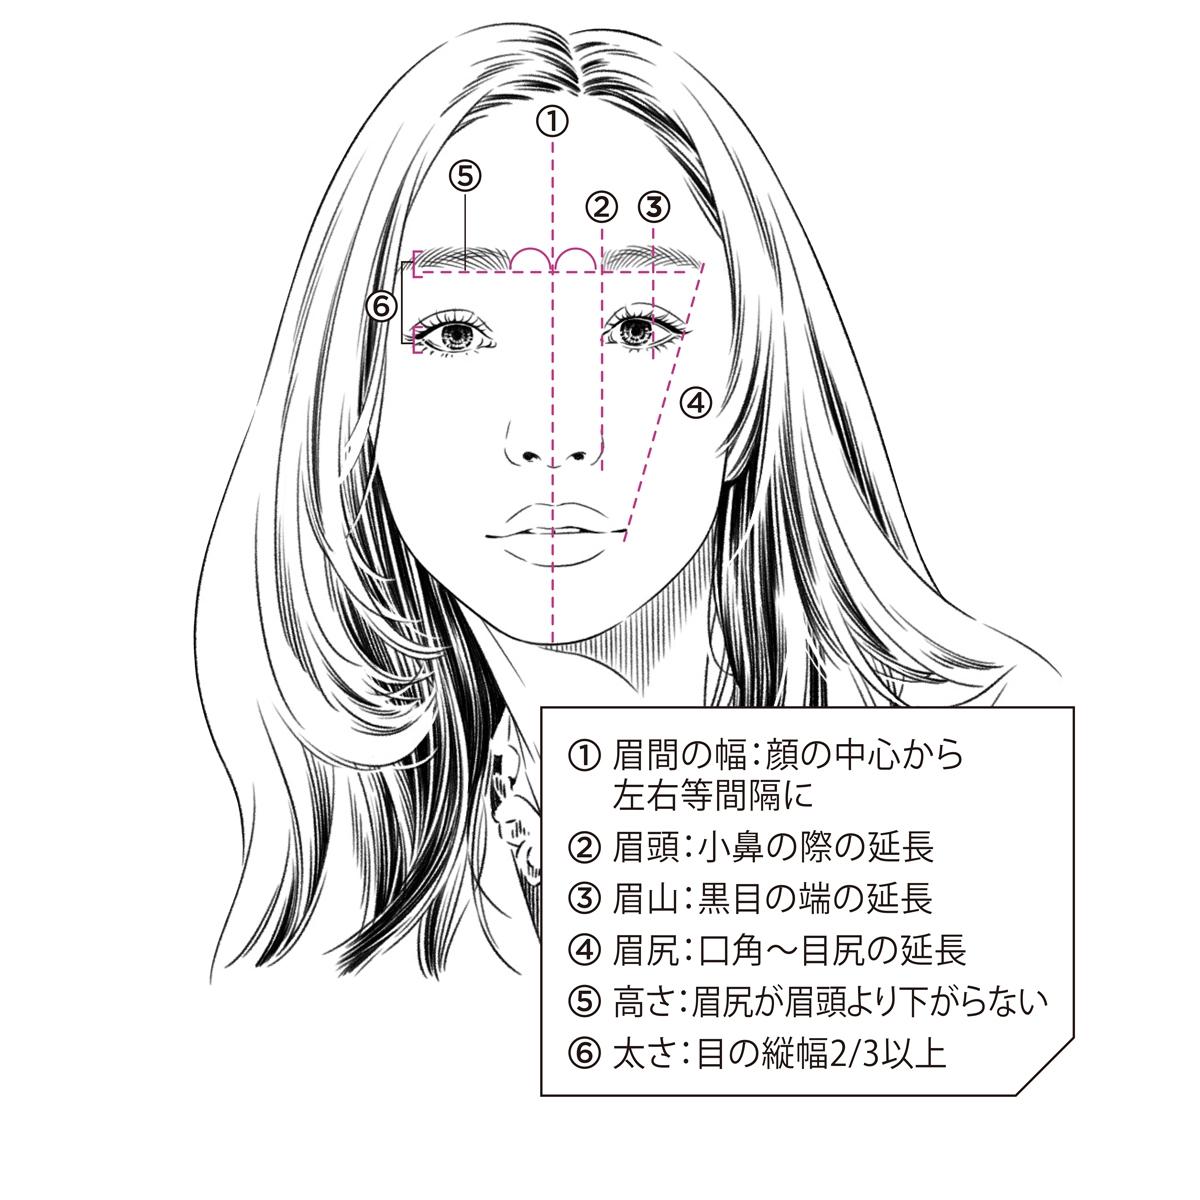 眉のカタチの正解